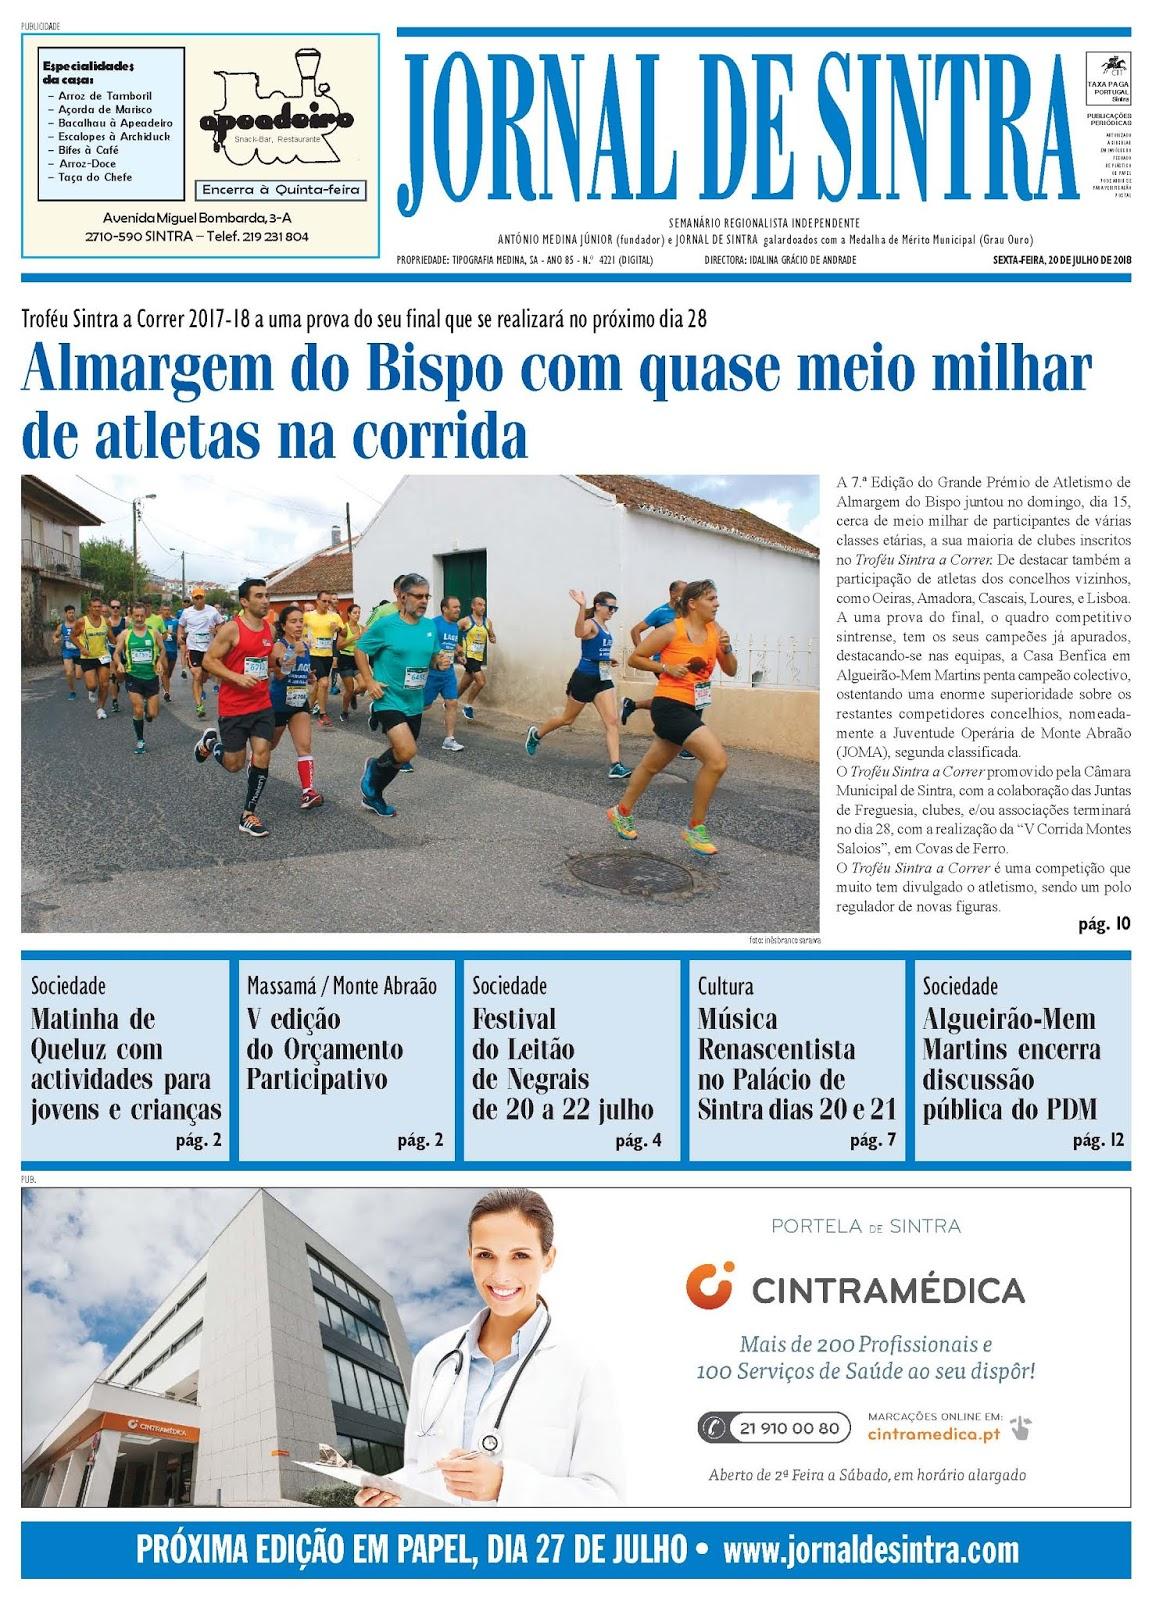 Capa da edição de 20-07-2018